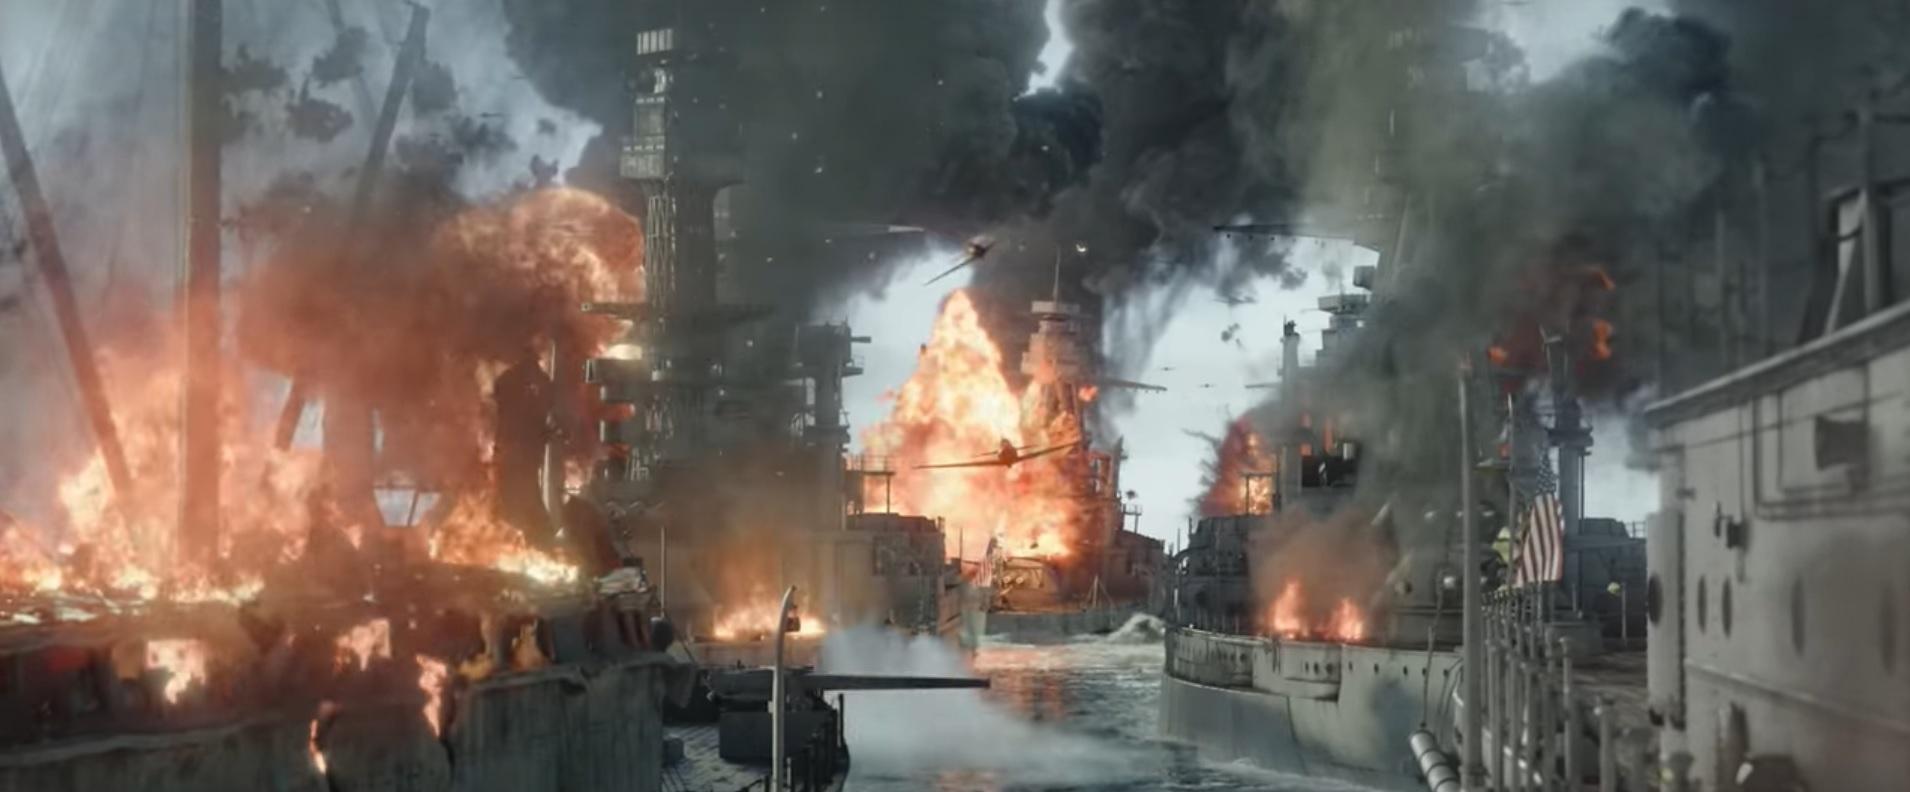 Filmy wojenne to też widowisko. Czemu jest tego tak mało?